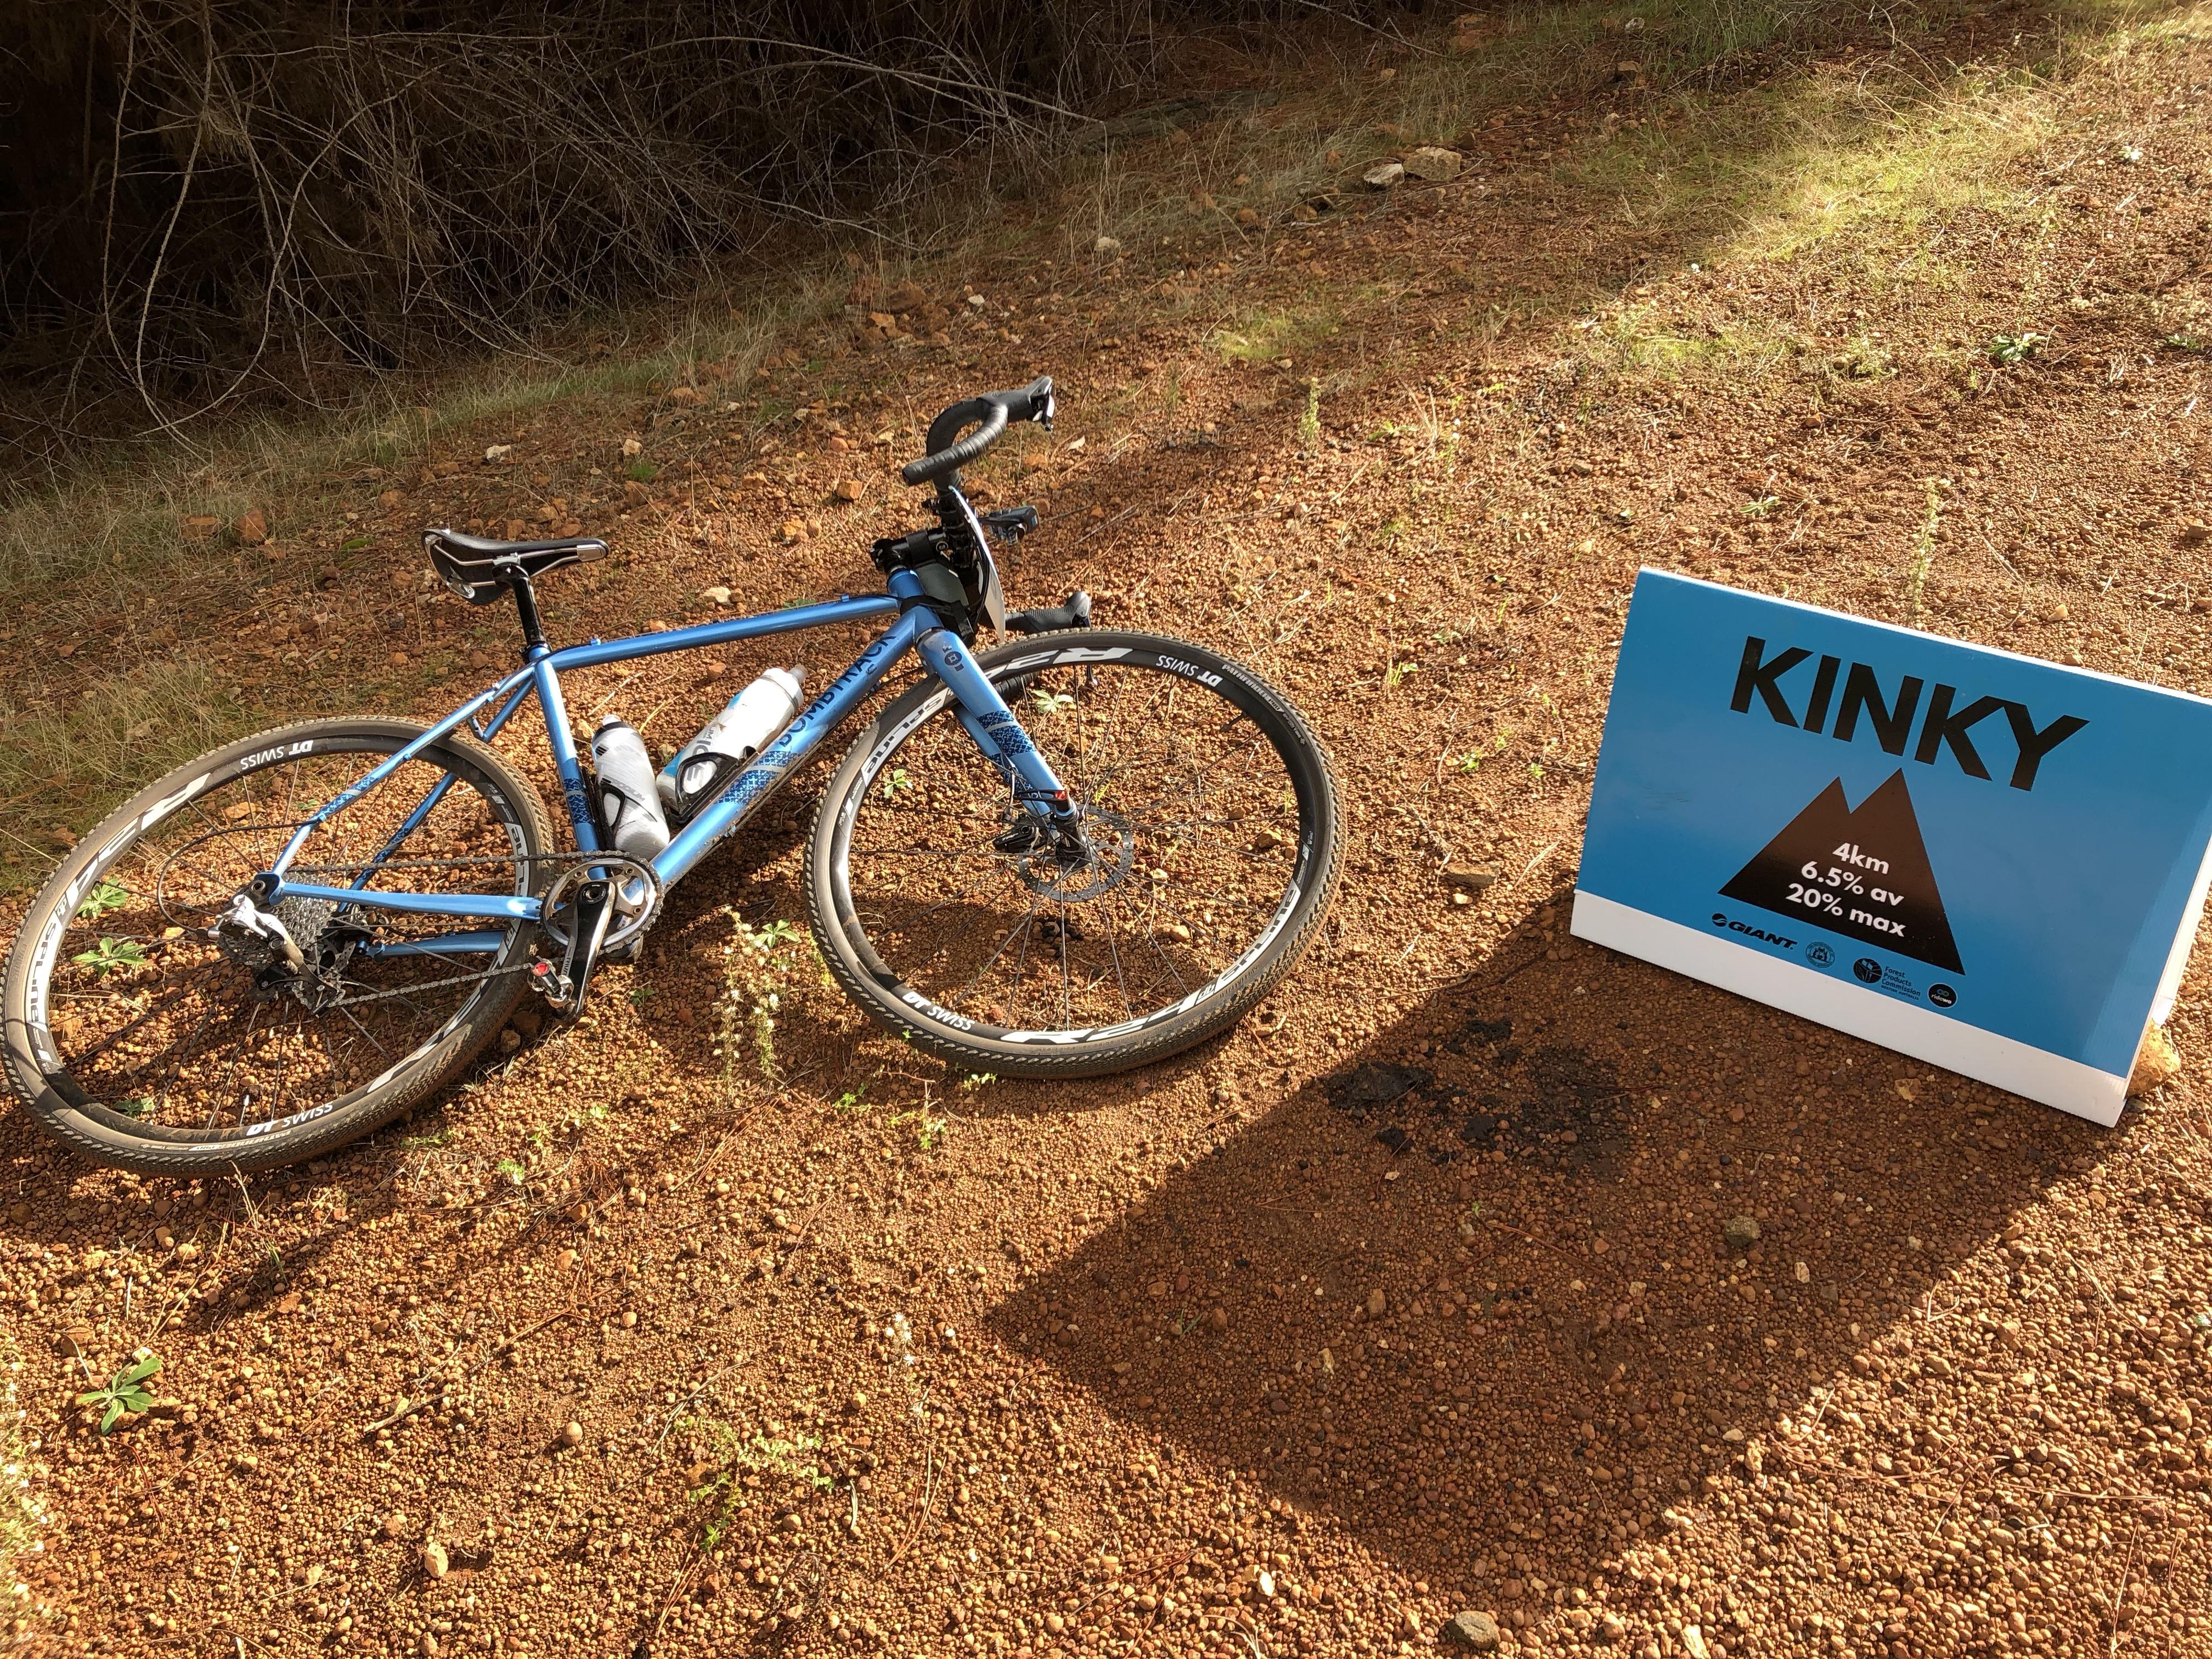 Kinky Climb Riding at Seven